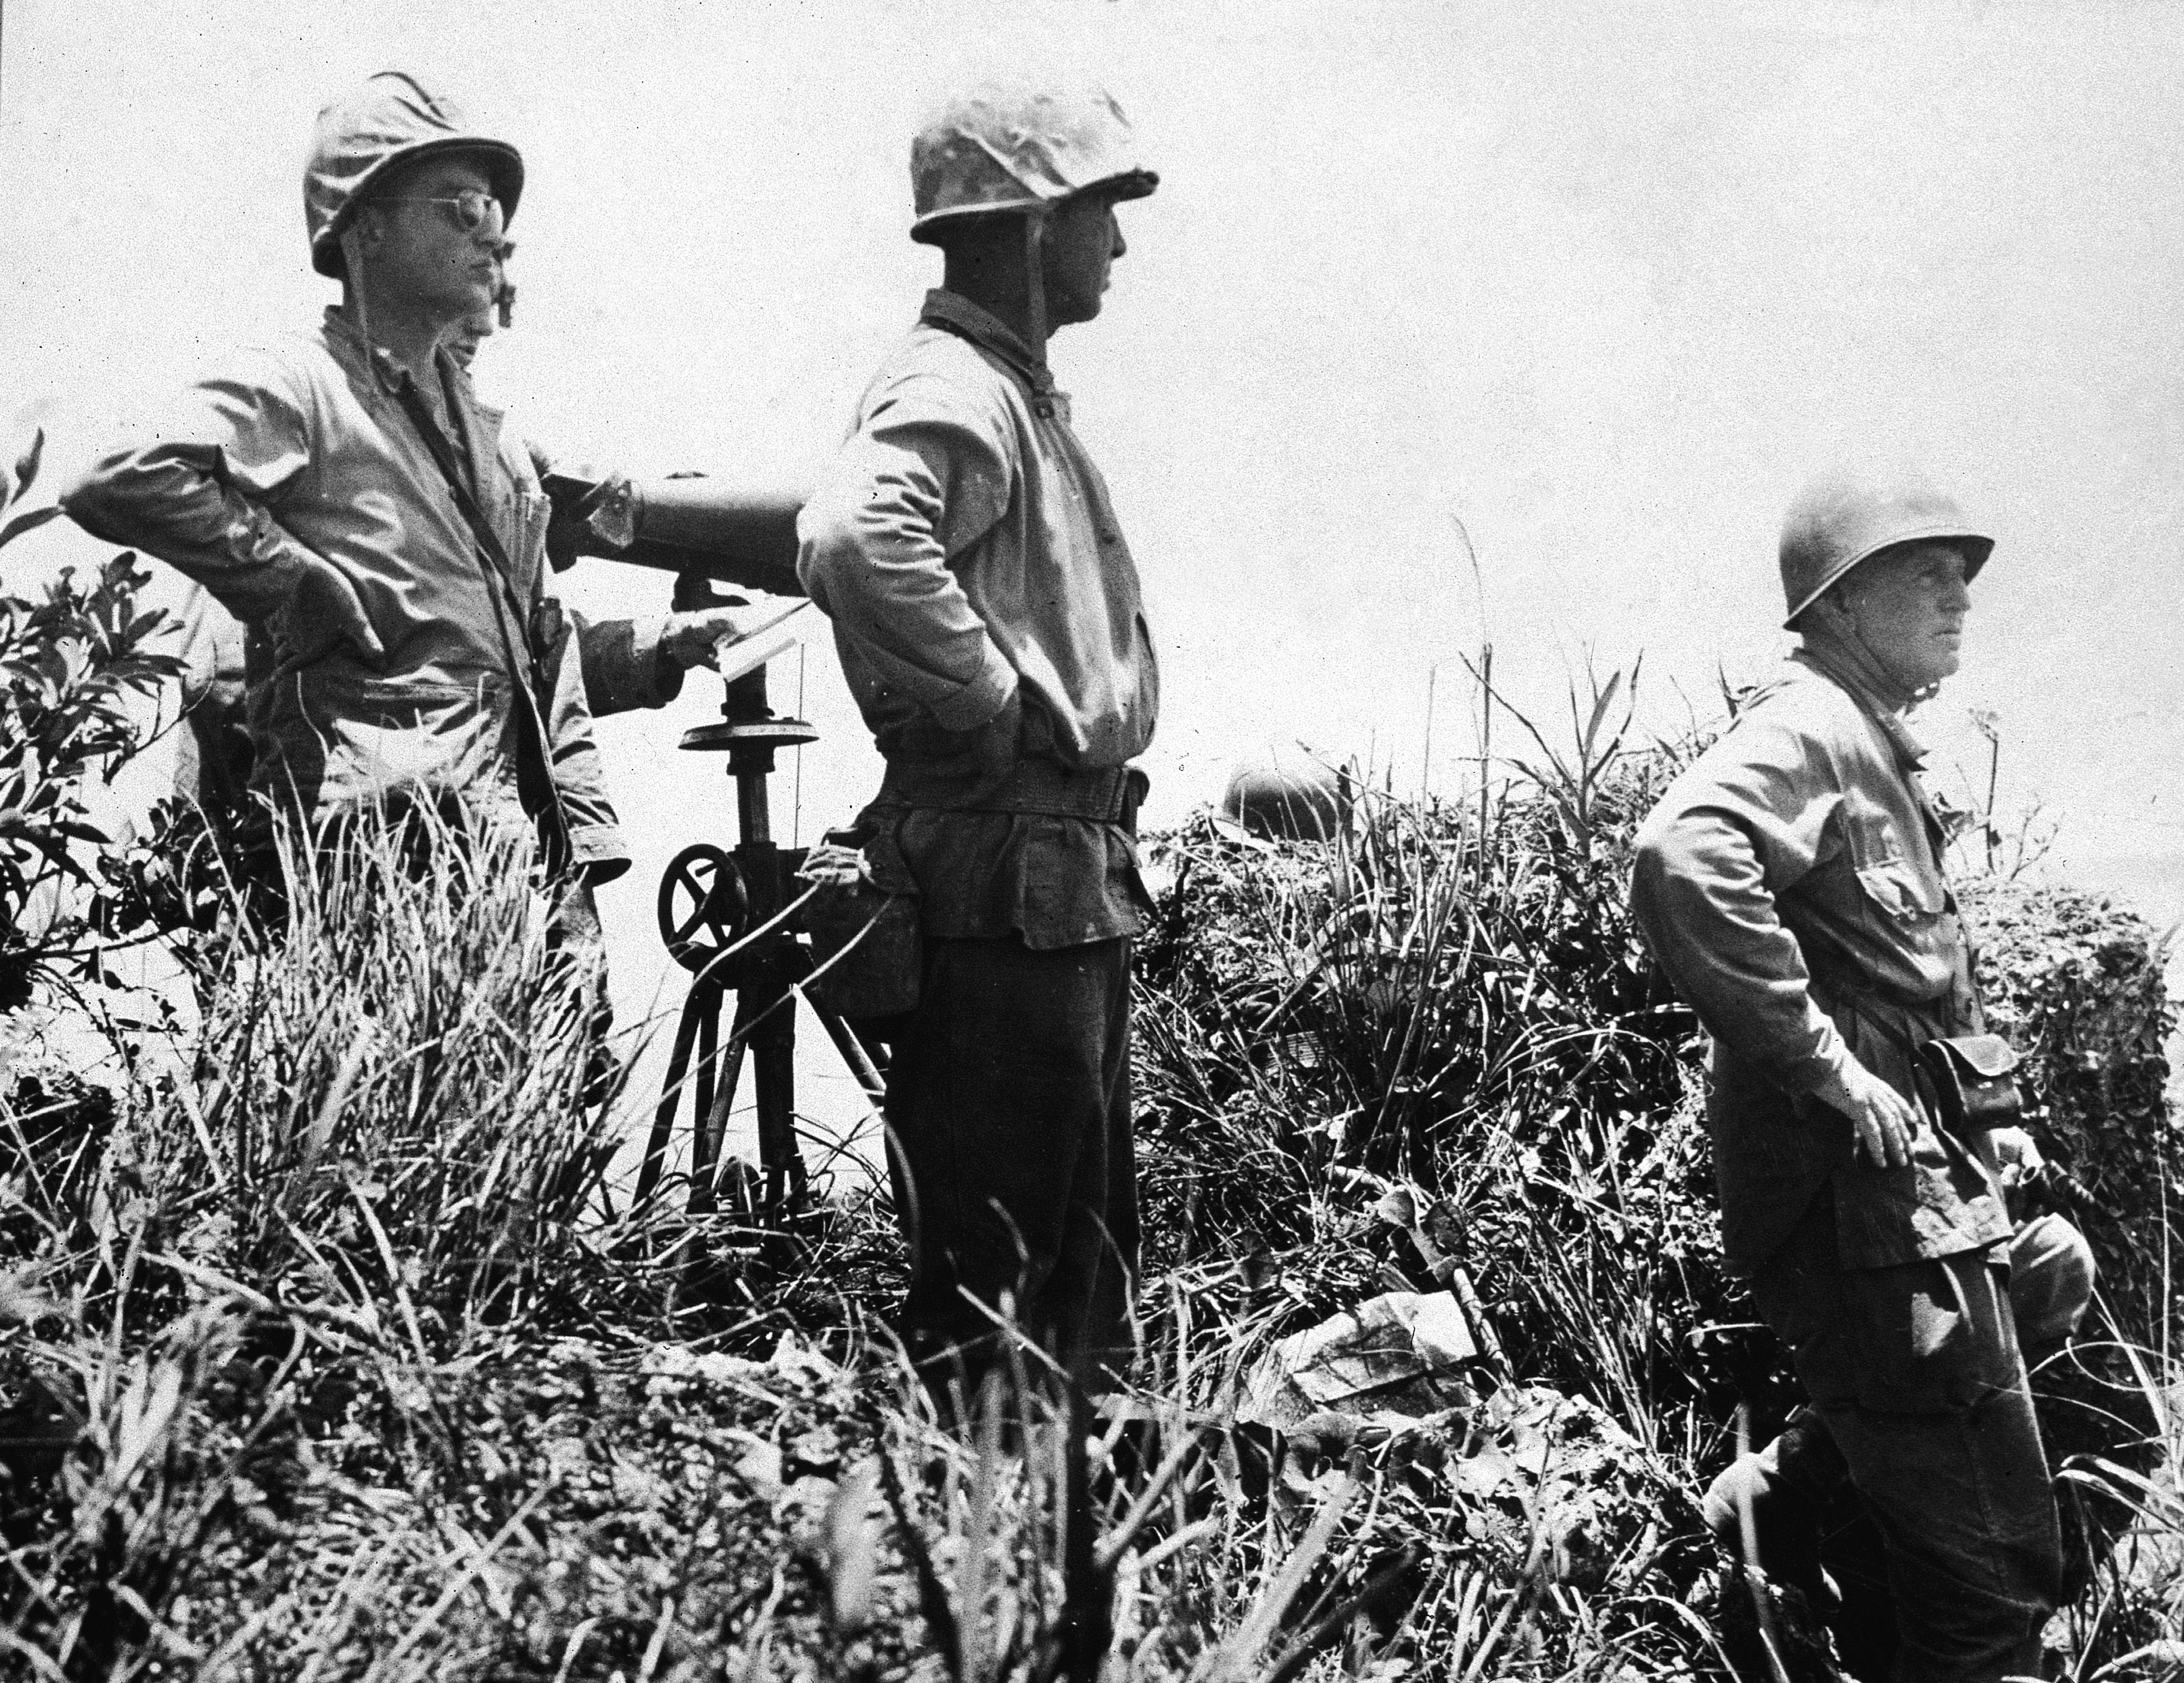 File:Last picture of LtGen. Buckner at Okinawa.jpg